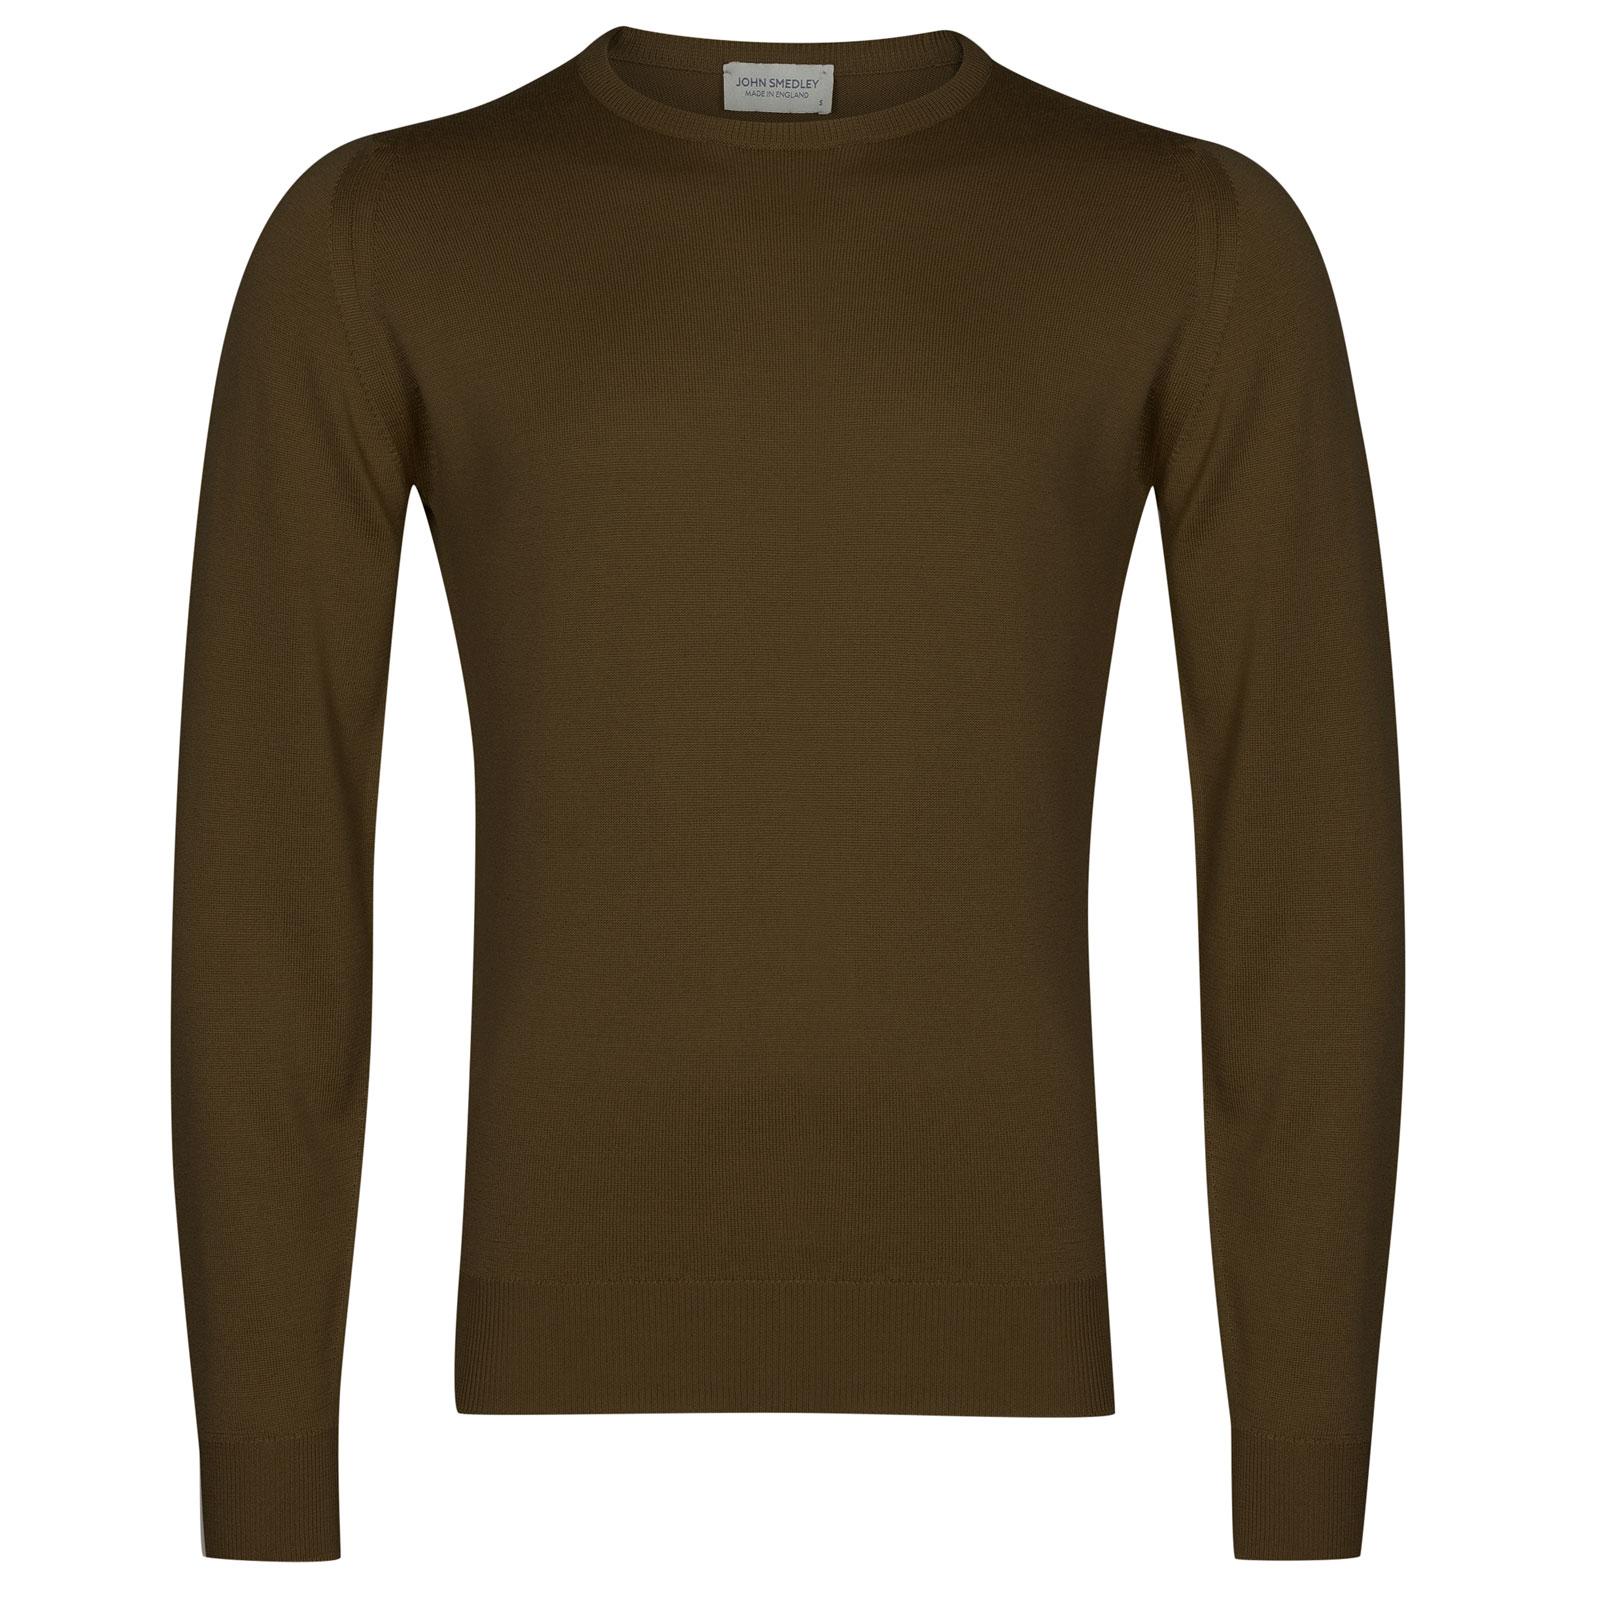 John Smedley farhill Merino Wool Pullover in Kielder Green-XXL